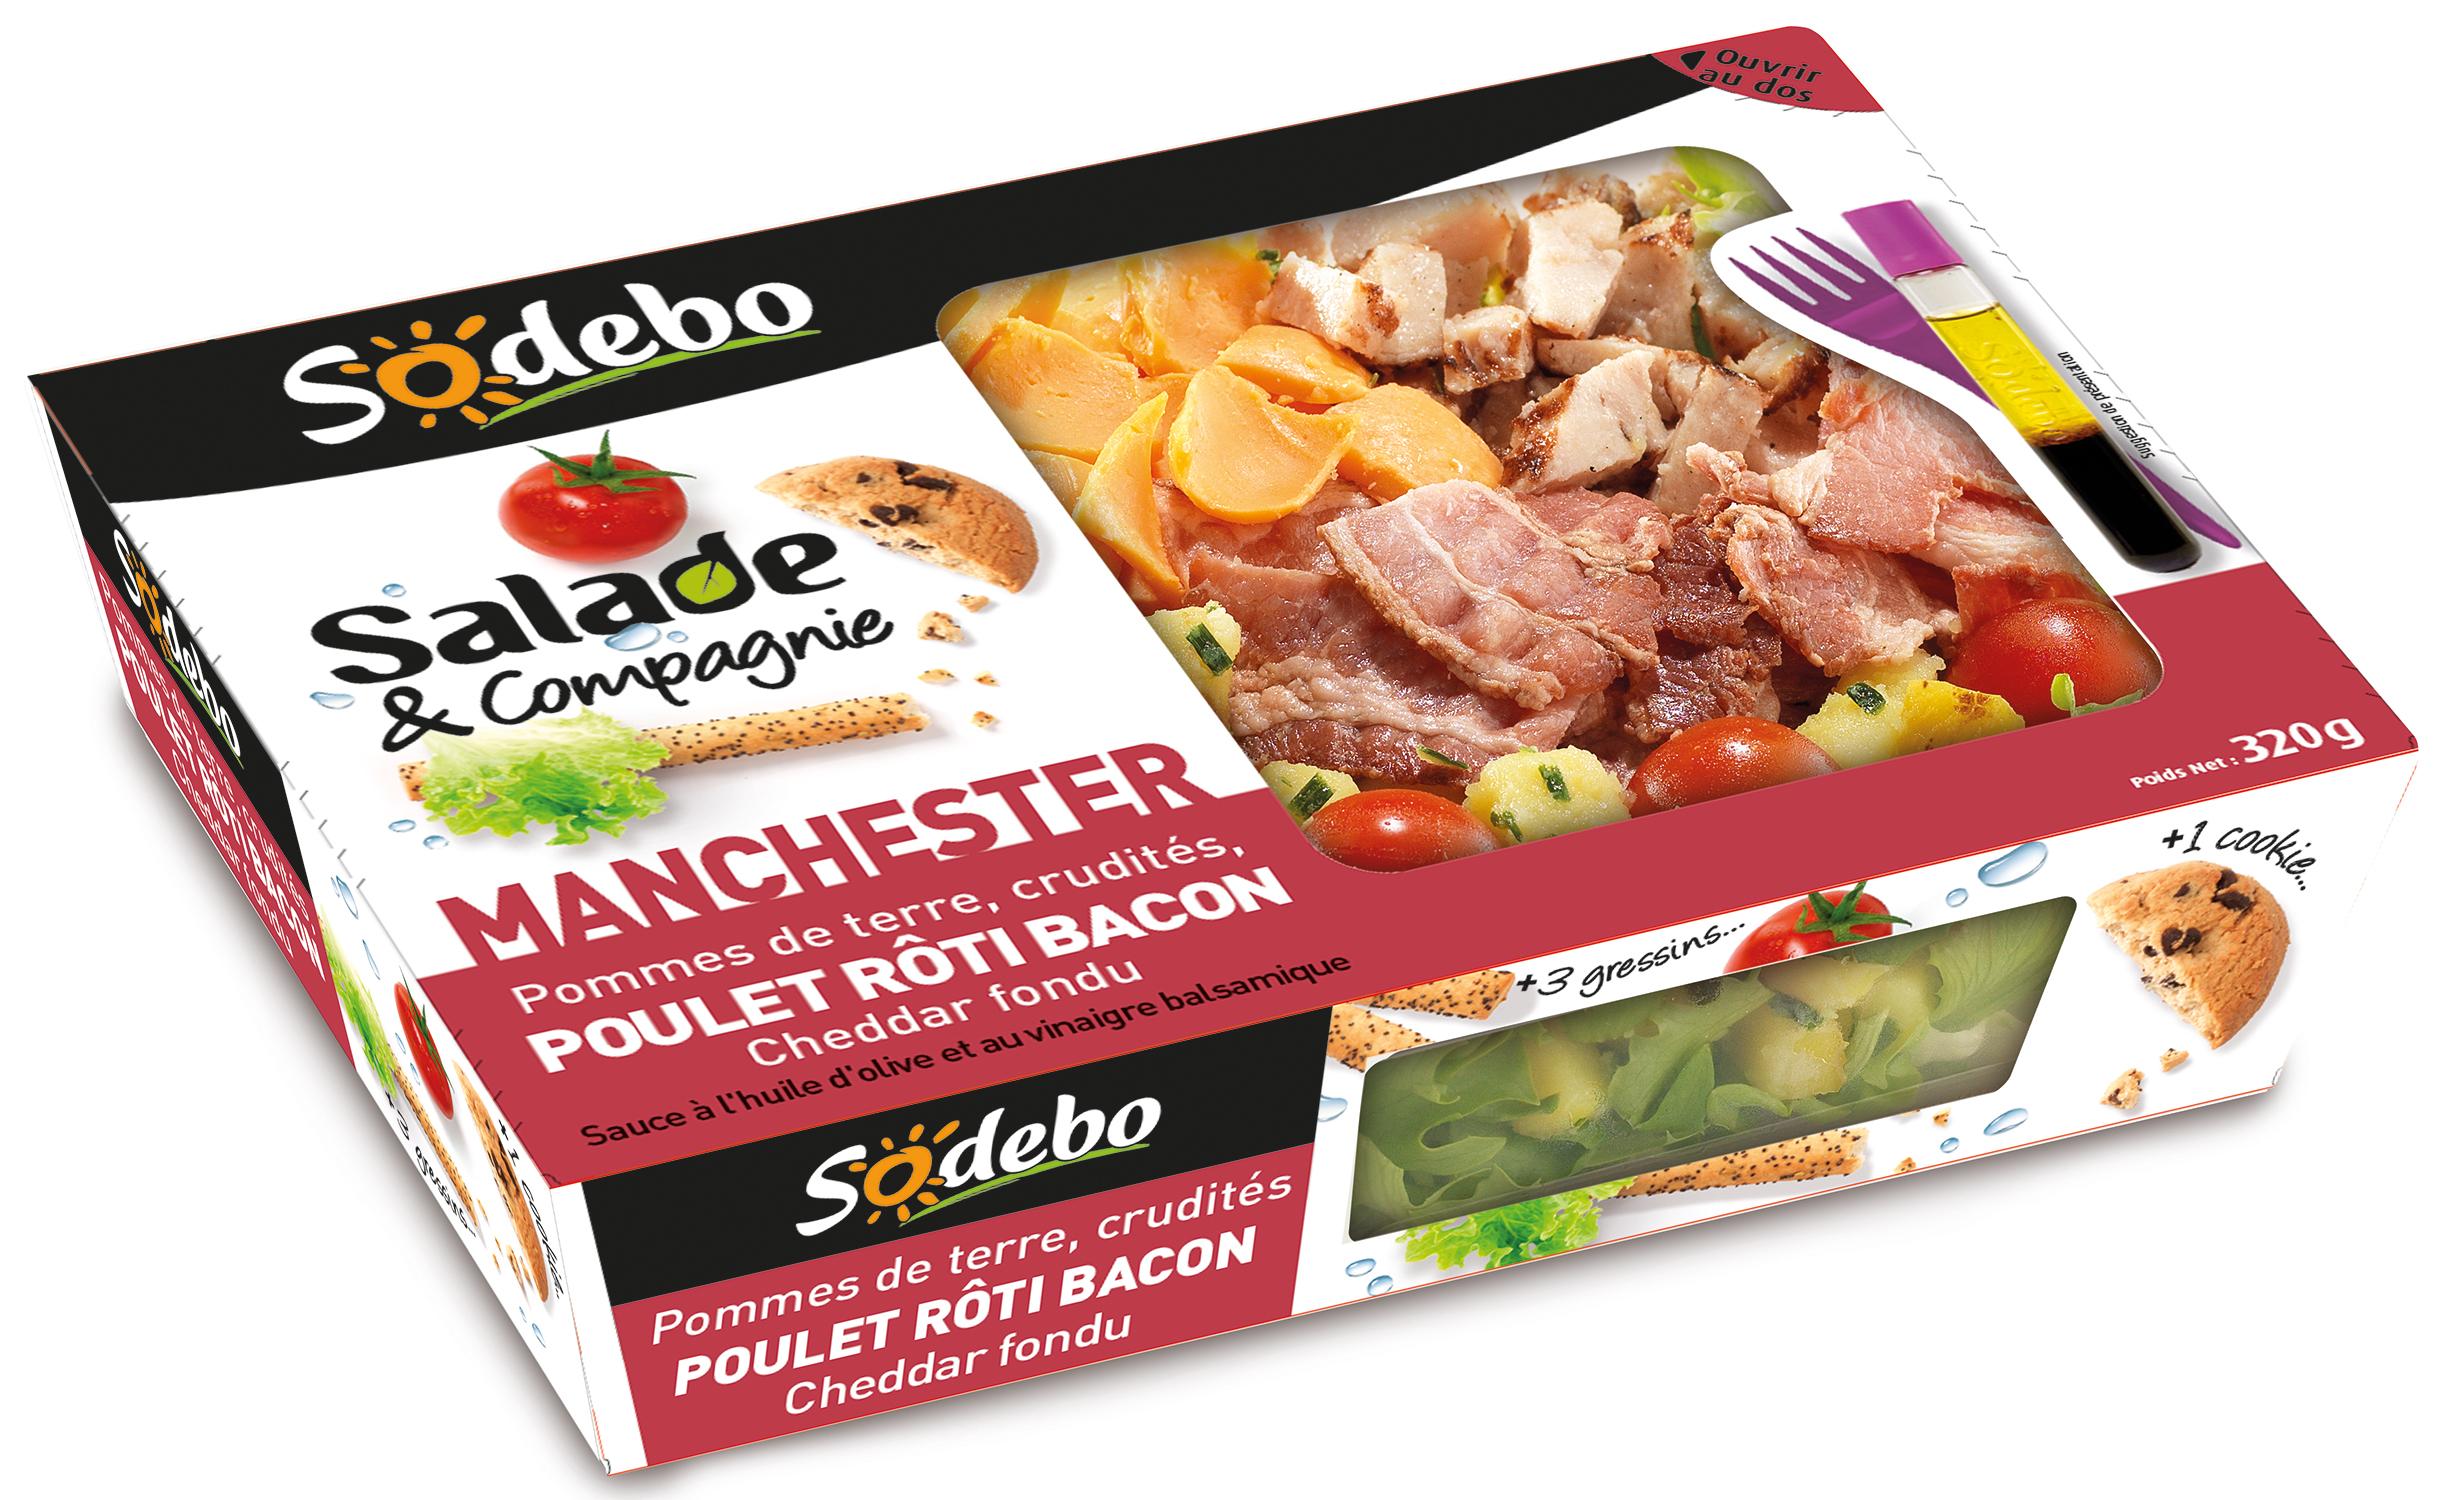 Sodebo-Salade & Cie